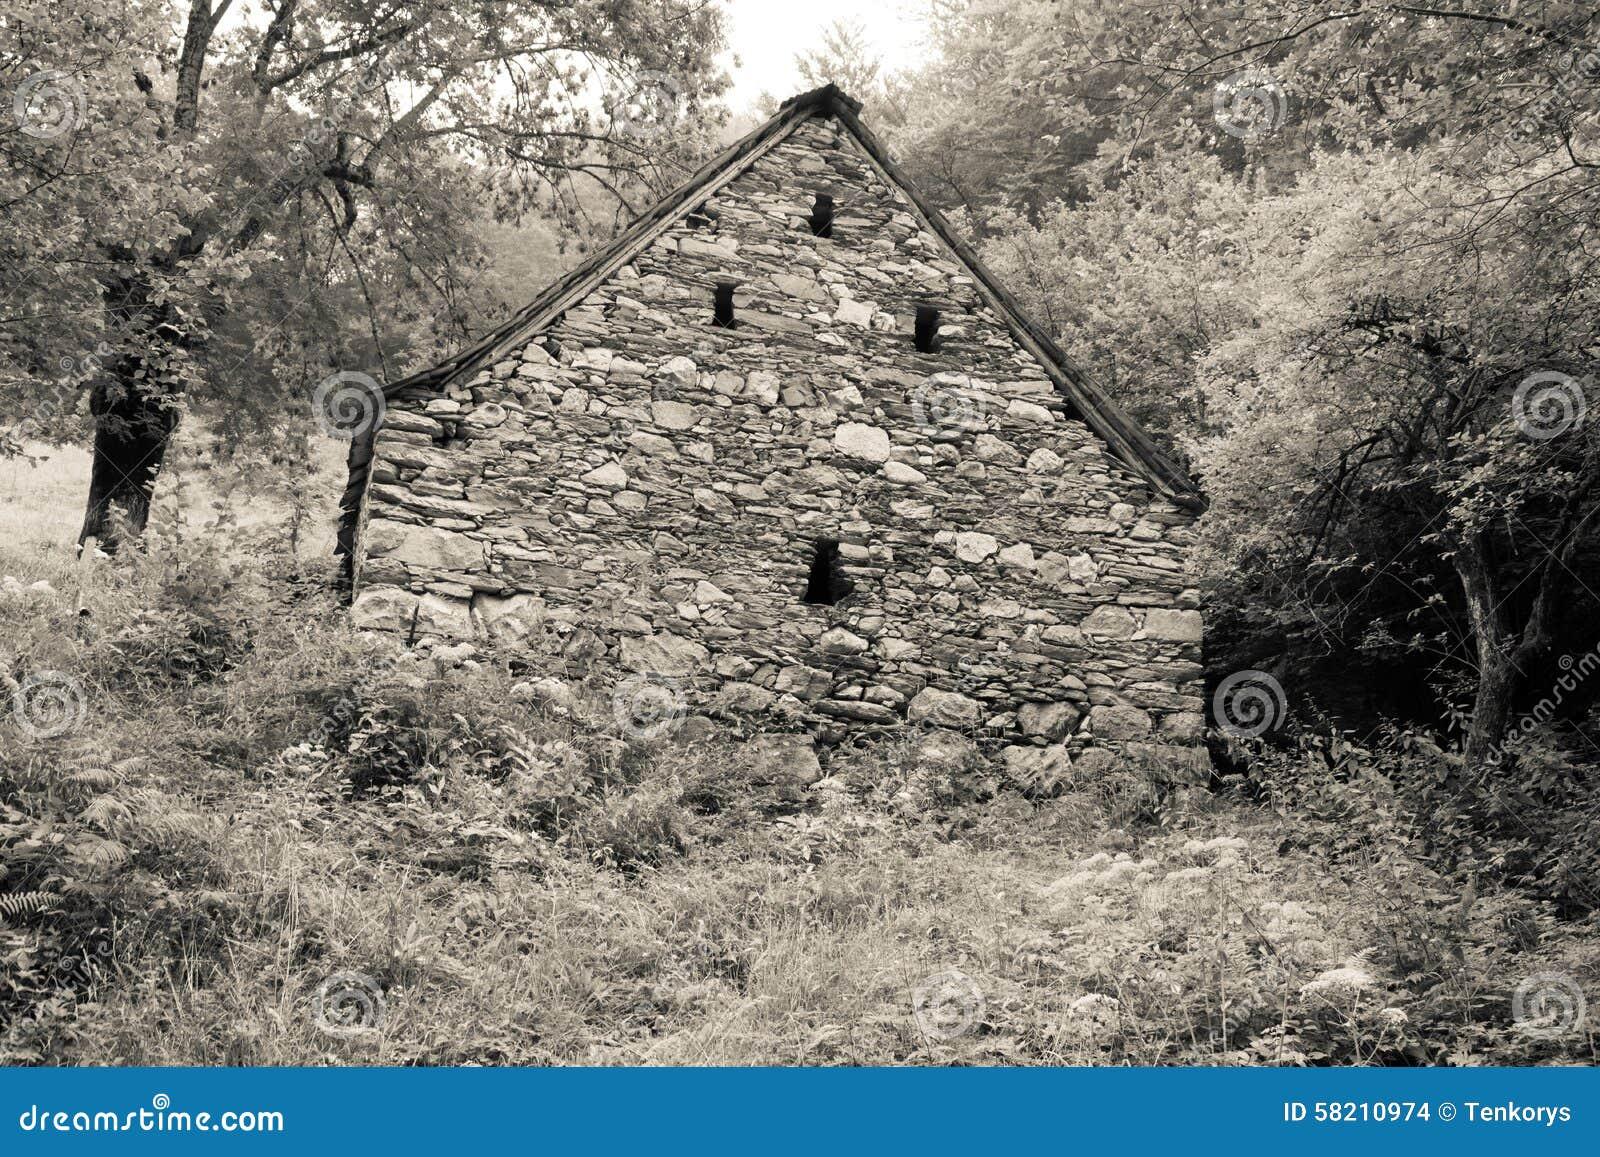 Vieille maison construite de la pierre dans le paysage for Exterieur vieille maison